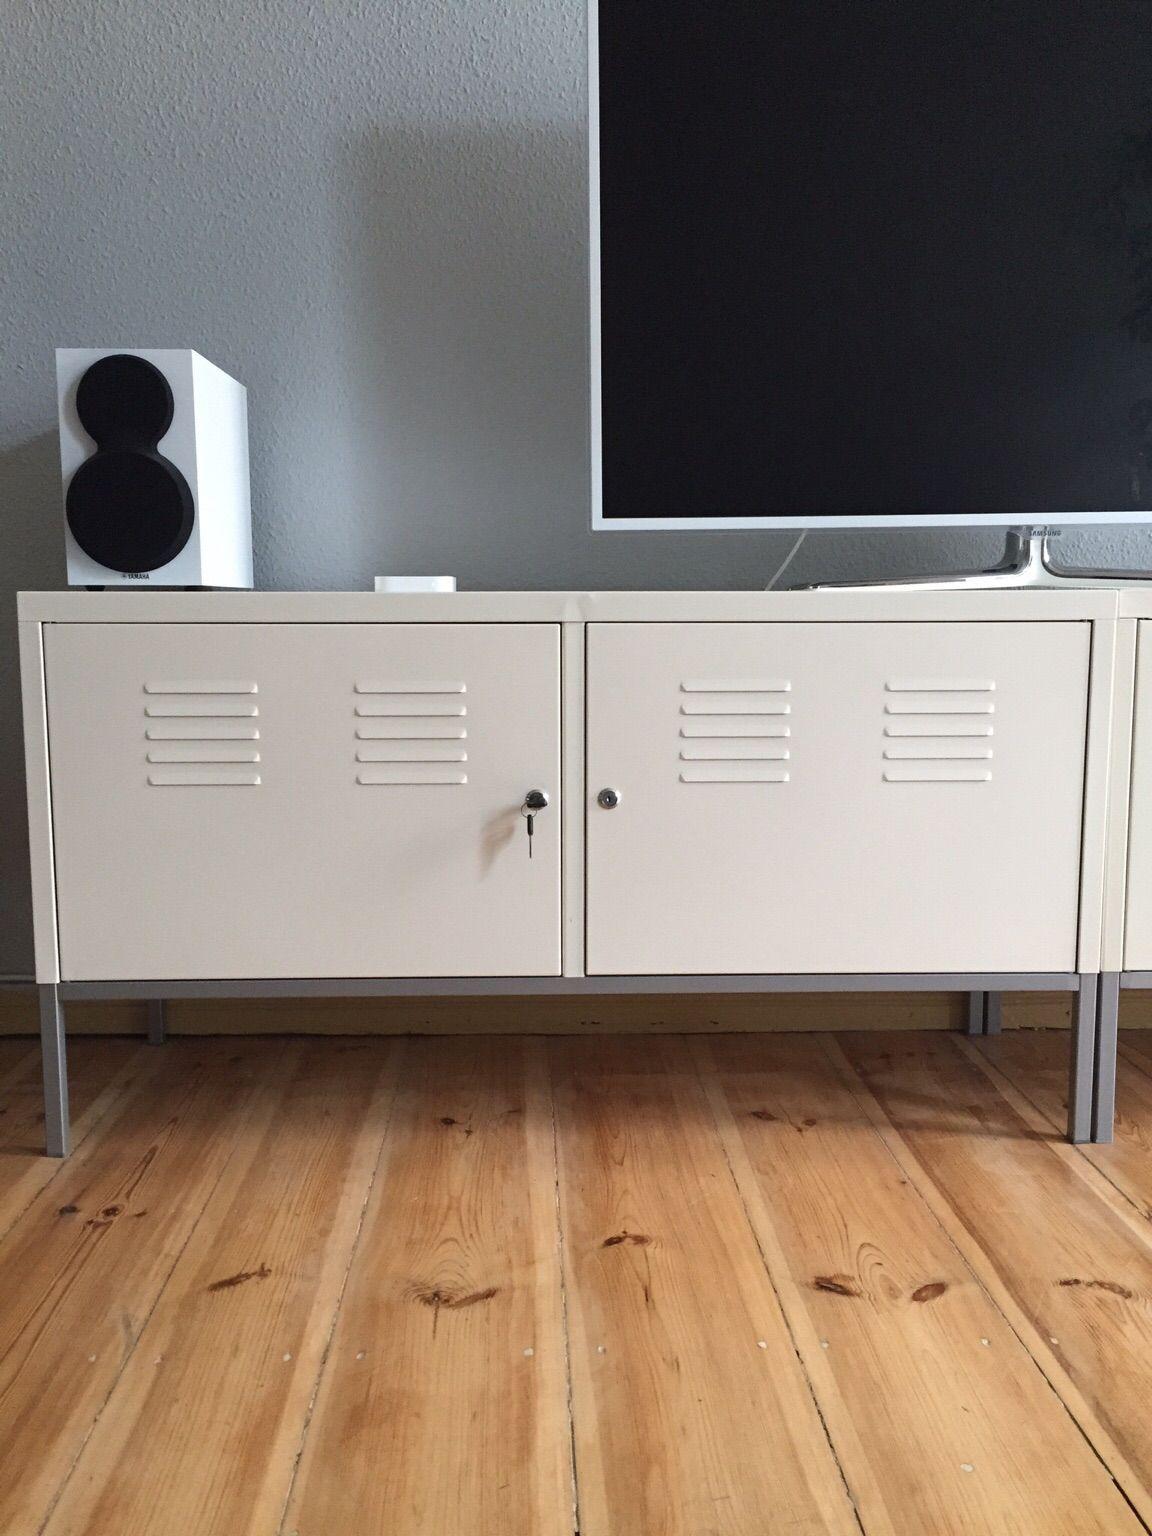 Full Size of Anrichte Ikea Spind Schrank Gebraucht 1 Ps Sideboard Küche Kaufen Kosten Betten 160x200 Miniküche Modulküche Bei Sofa Mit Schlaffunktion Wohnzimmer Anrichte Ikea